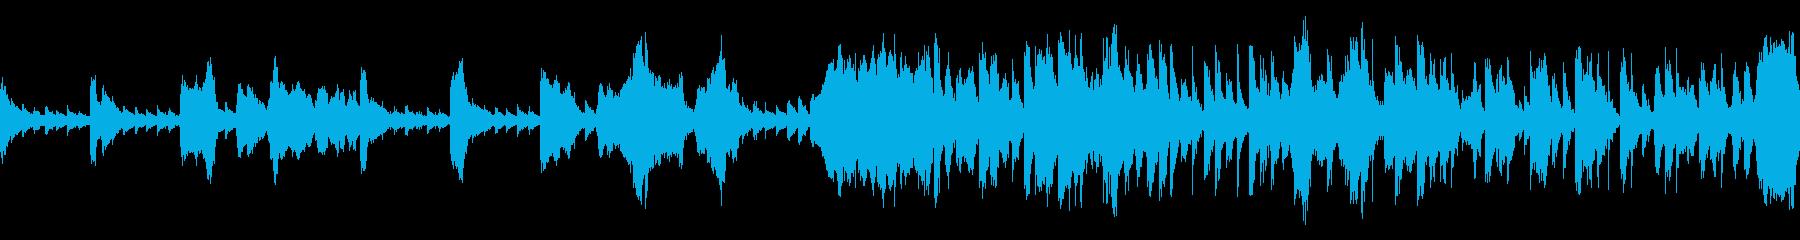 ループ:冒険やサスペンスに(フルート)の再生済みの波形